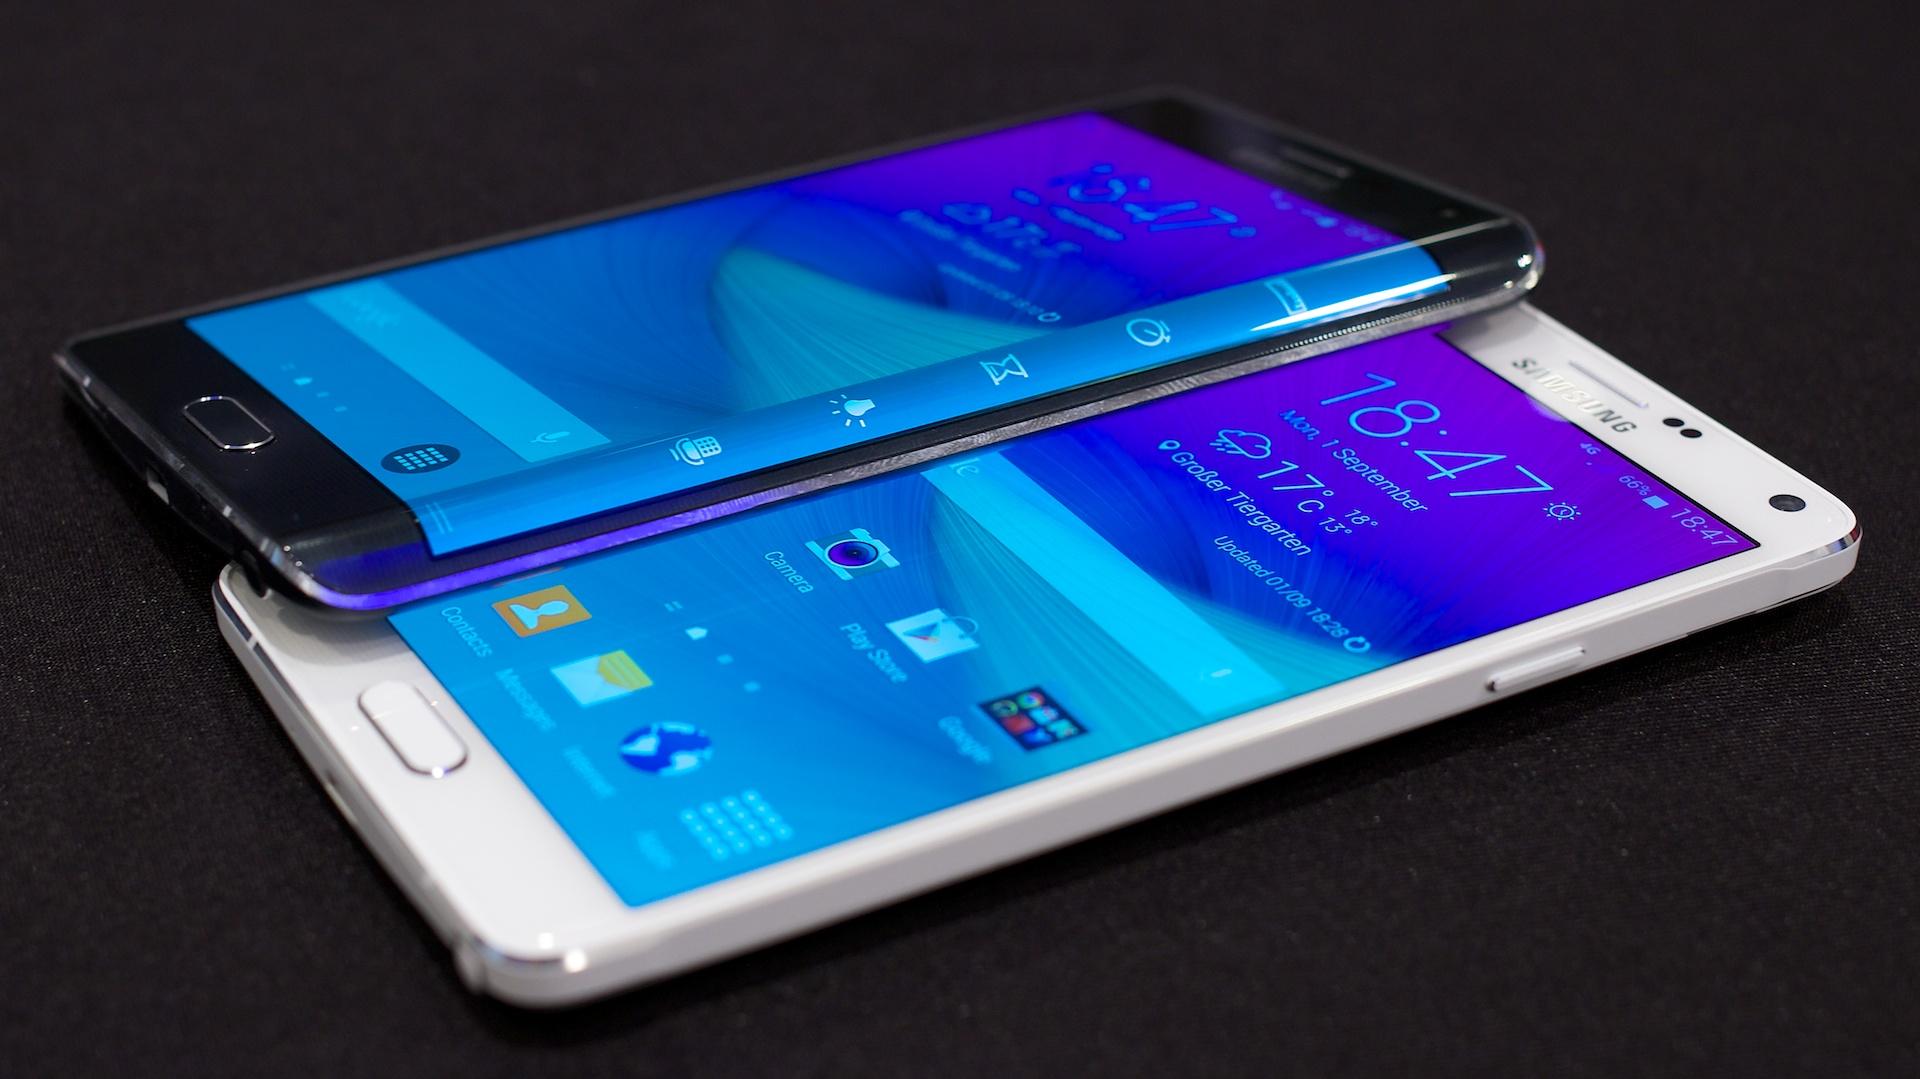 Markteinführung verzögert sich: Samsung bringt Galaxy Note 4 später - Das Galaxy Note 4 und das Galaxy Note Edge (Bild: Michael Wieczorek/Golem.de)